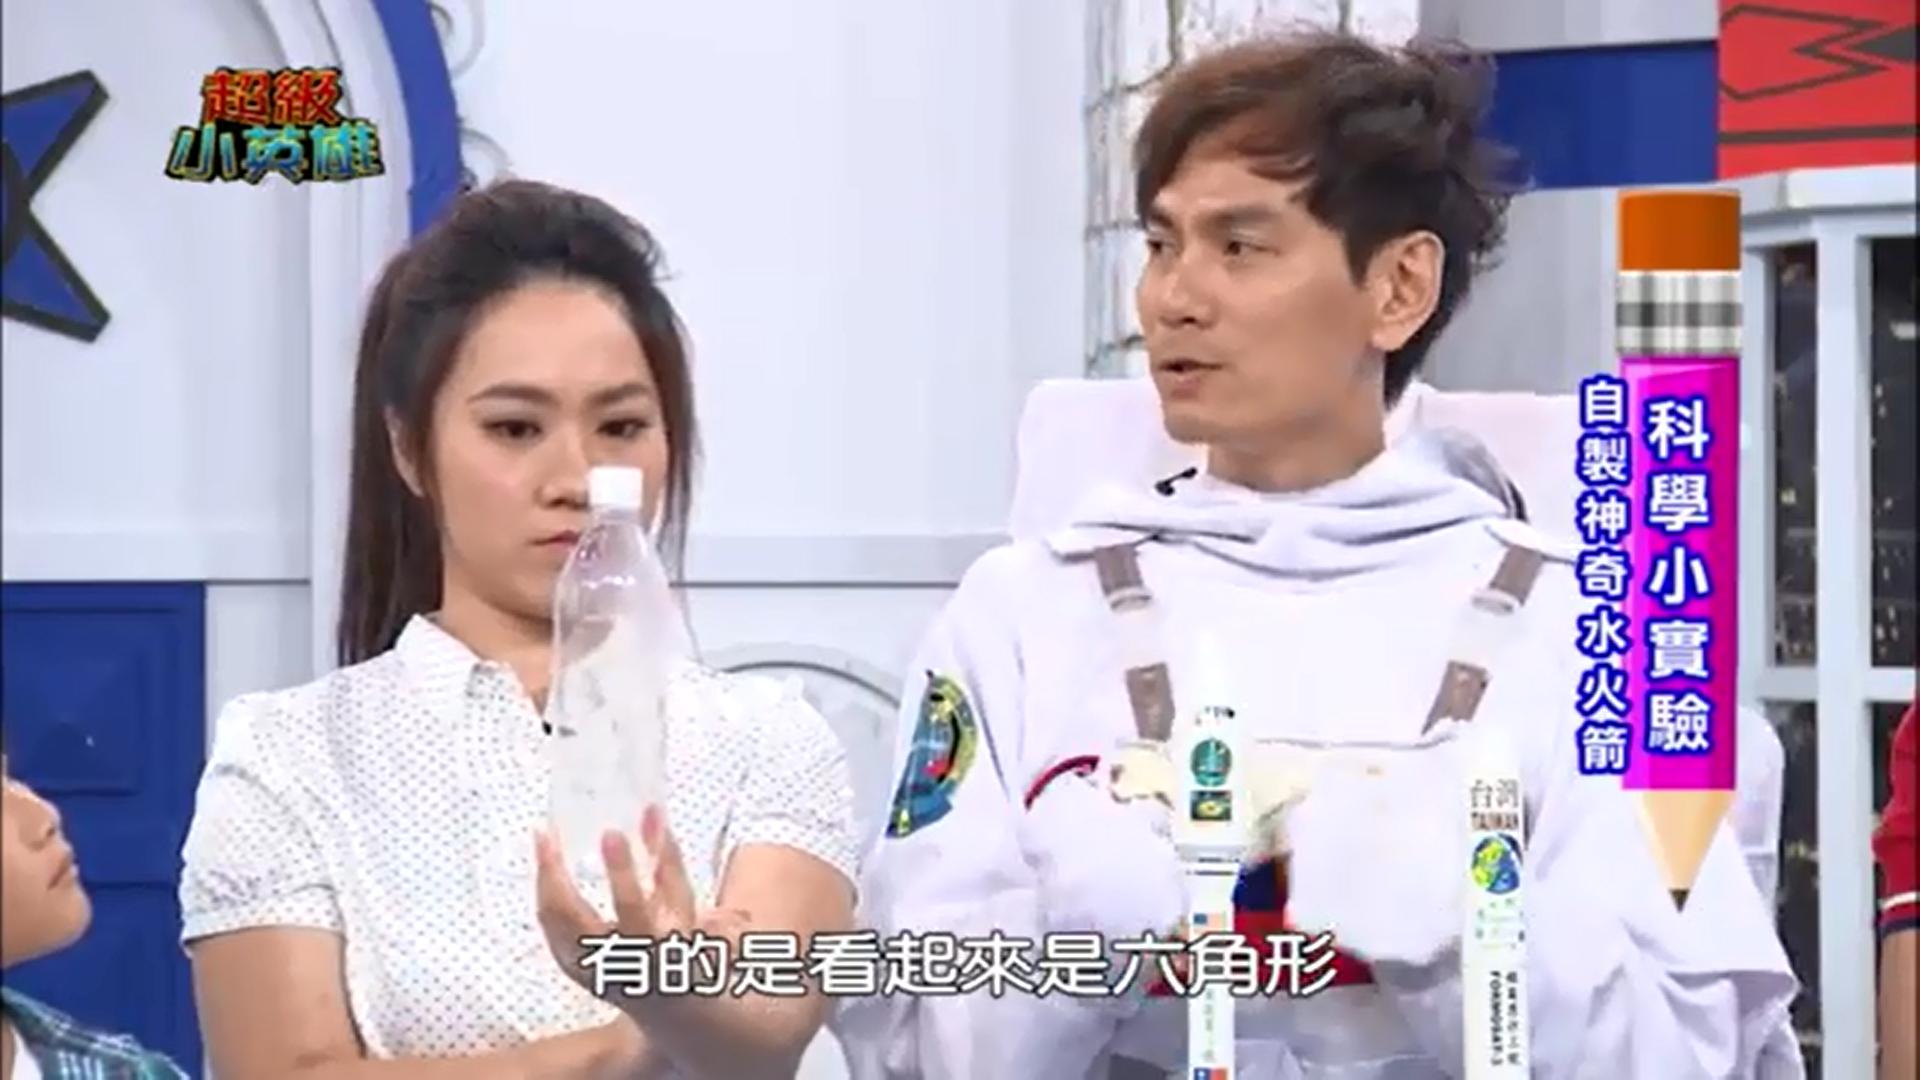 2014.09.07 超級電視台超級小英雄節目【自製神奇水火箭】